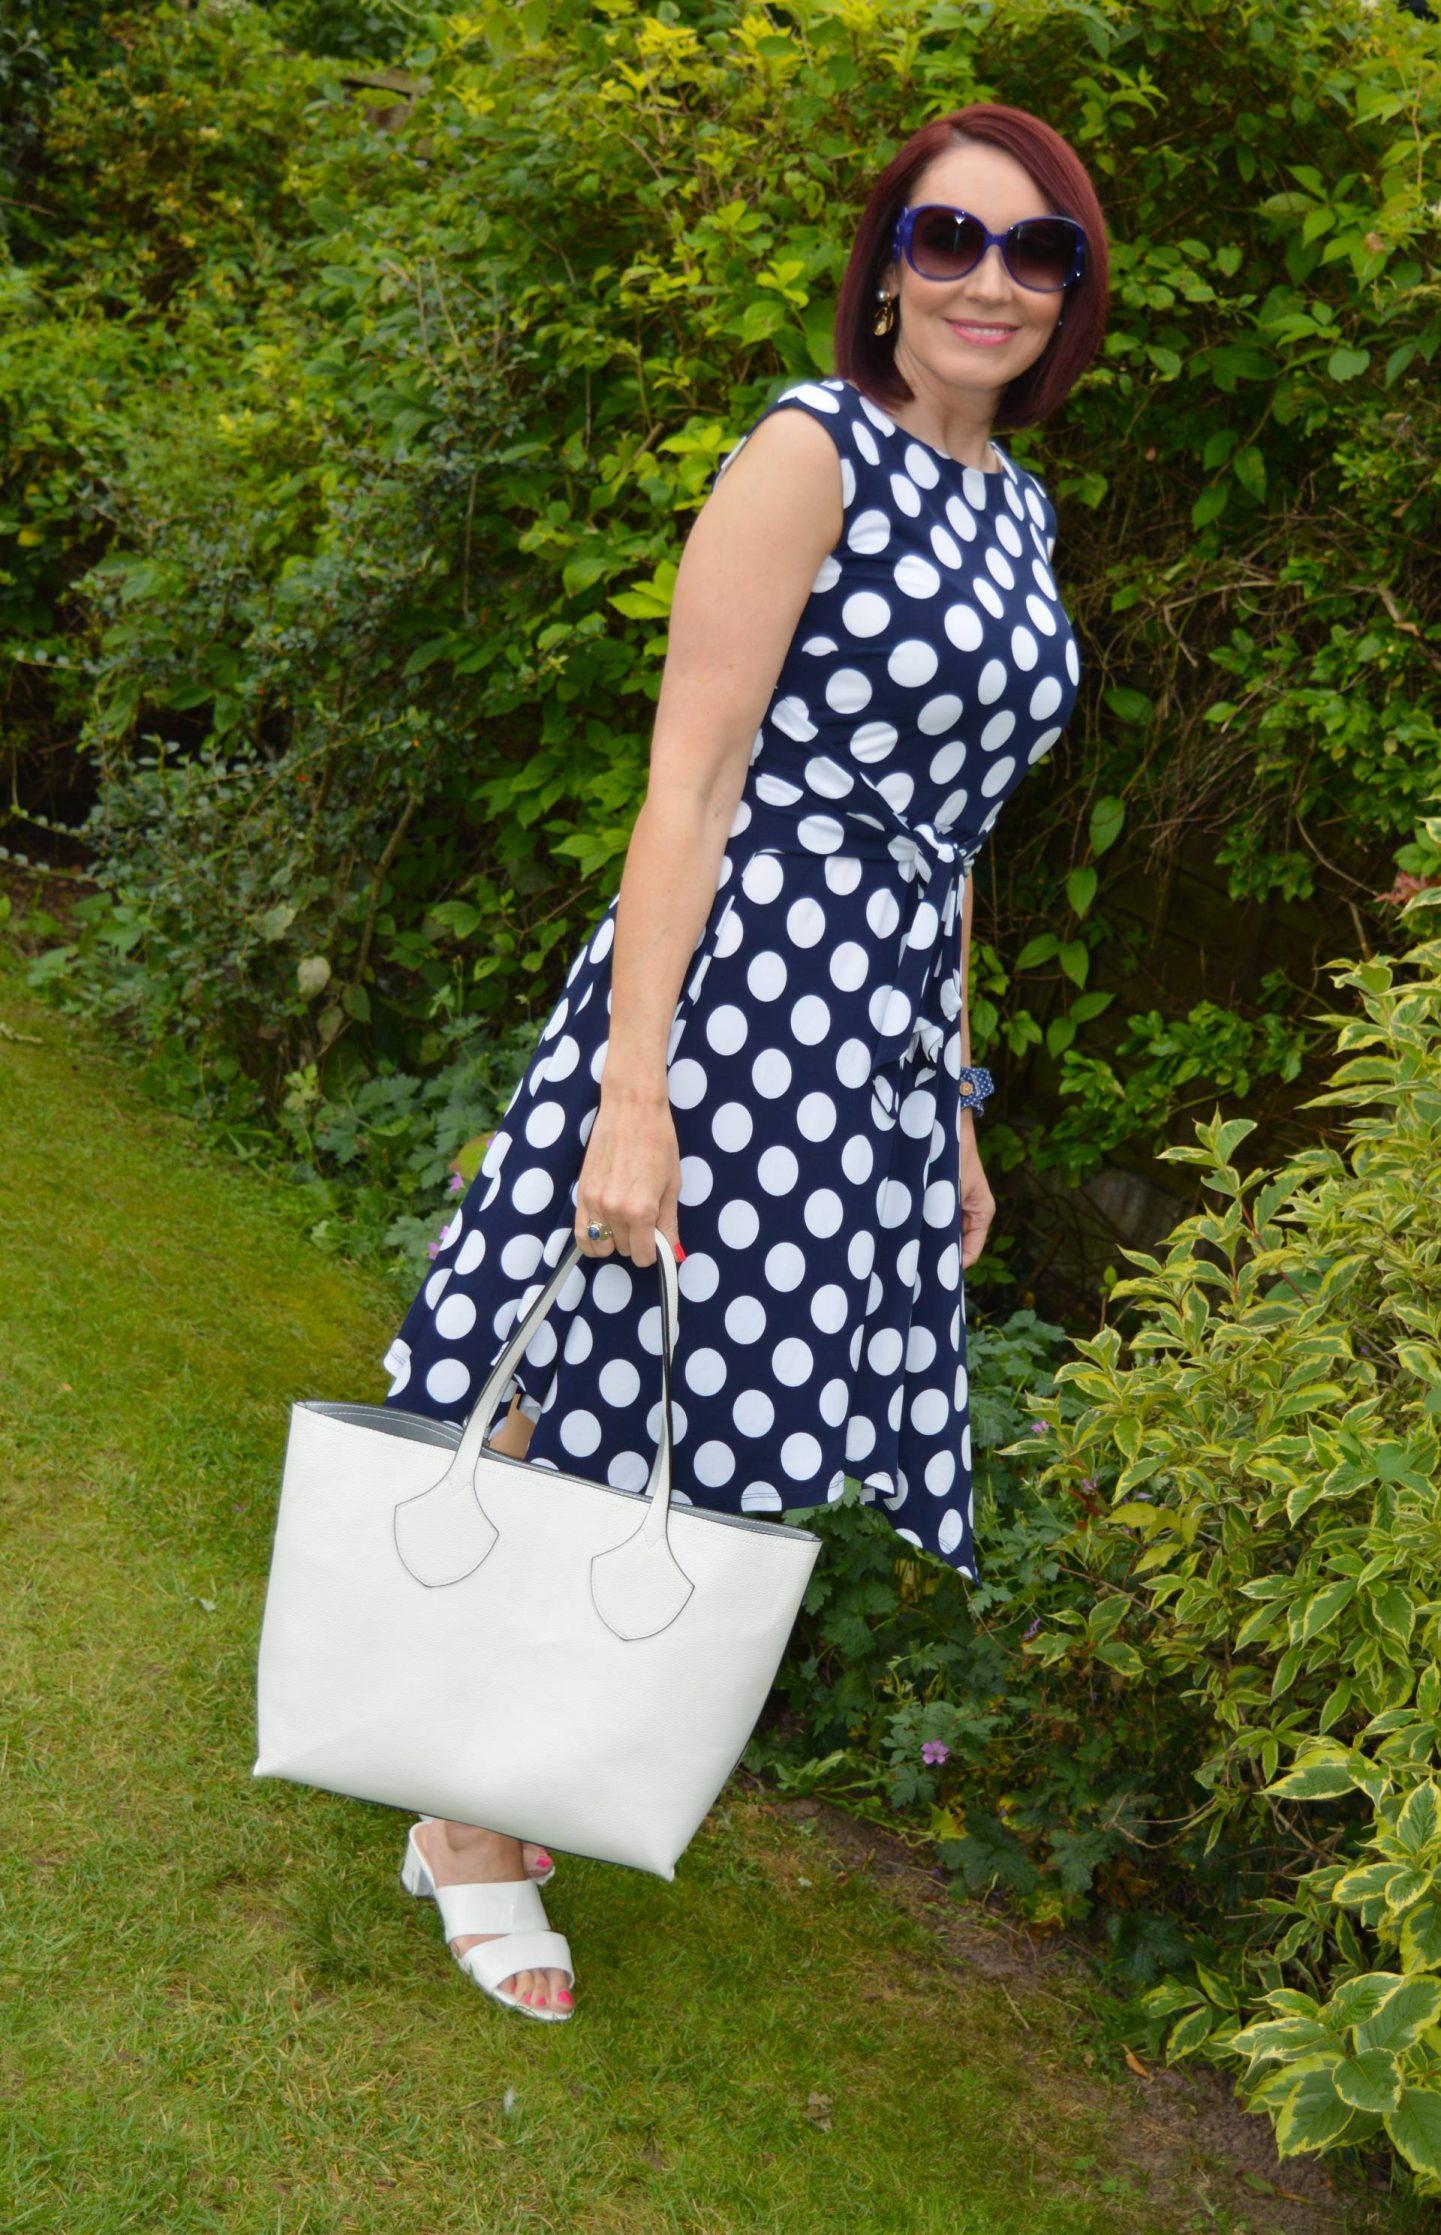 Roman Originals Navy and White Polka Dot Dress, Marks & Spencer white reversible bag